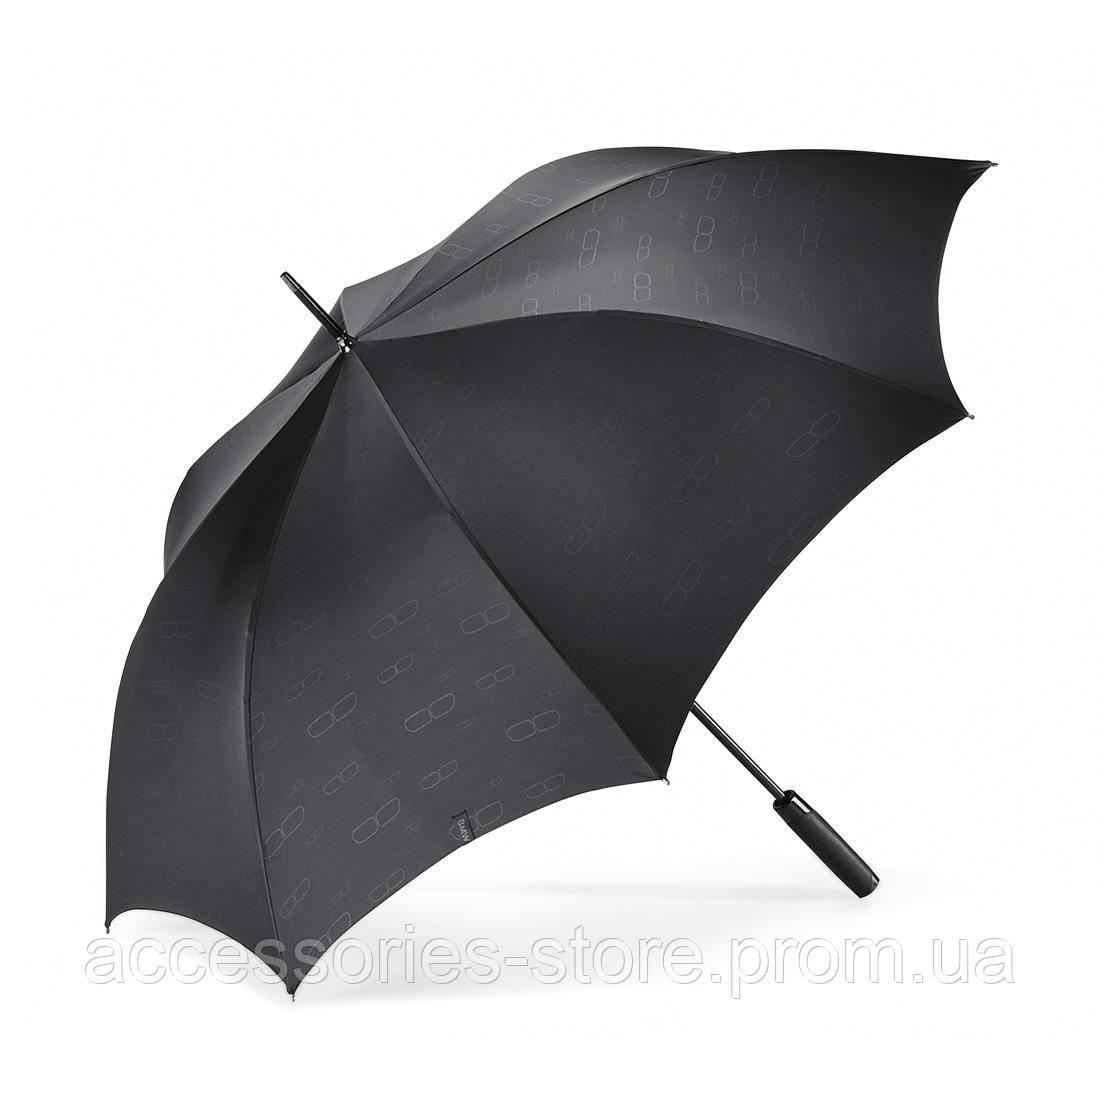 Большой зонт-трость BMW Iconic Stick Umbrella, Black